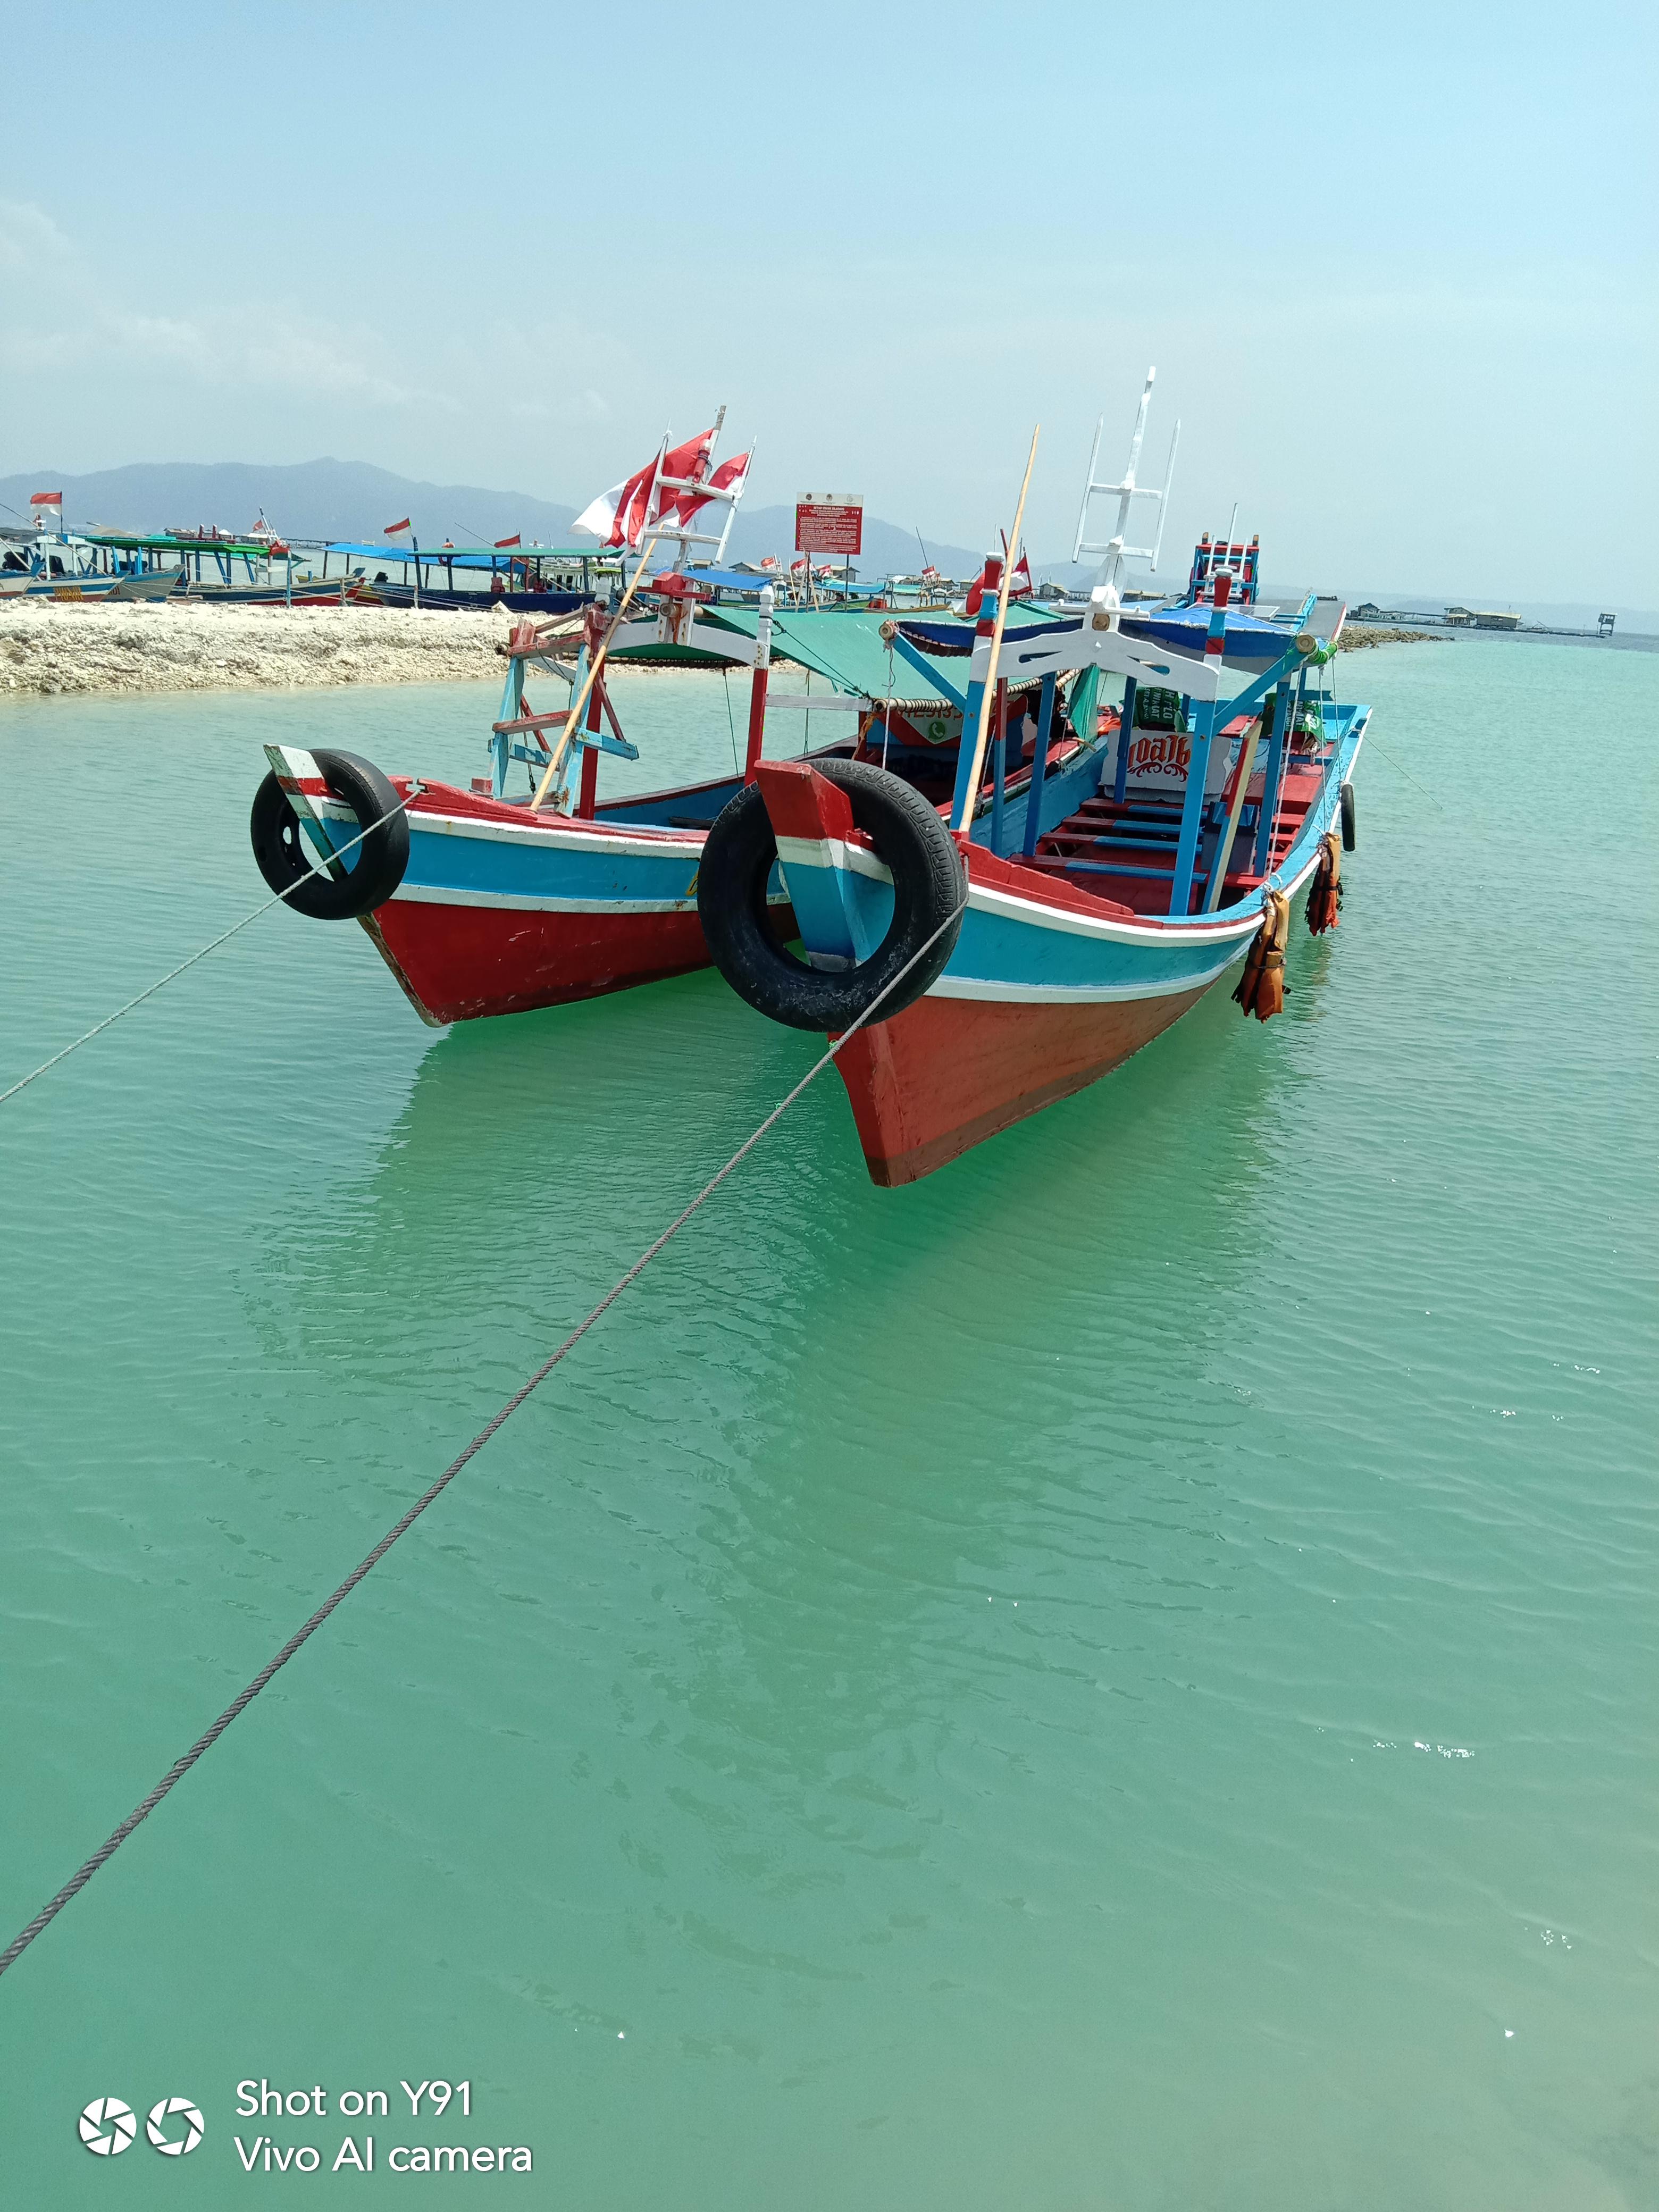 Paket Wisata Kapal doa ibu trip Pantai Sari Ringgung - Pulau Tegal Mas